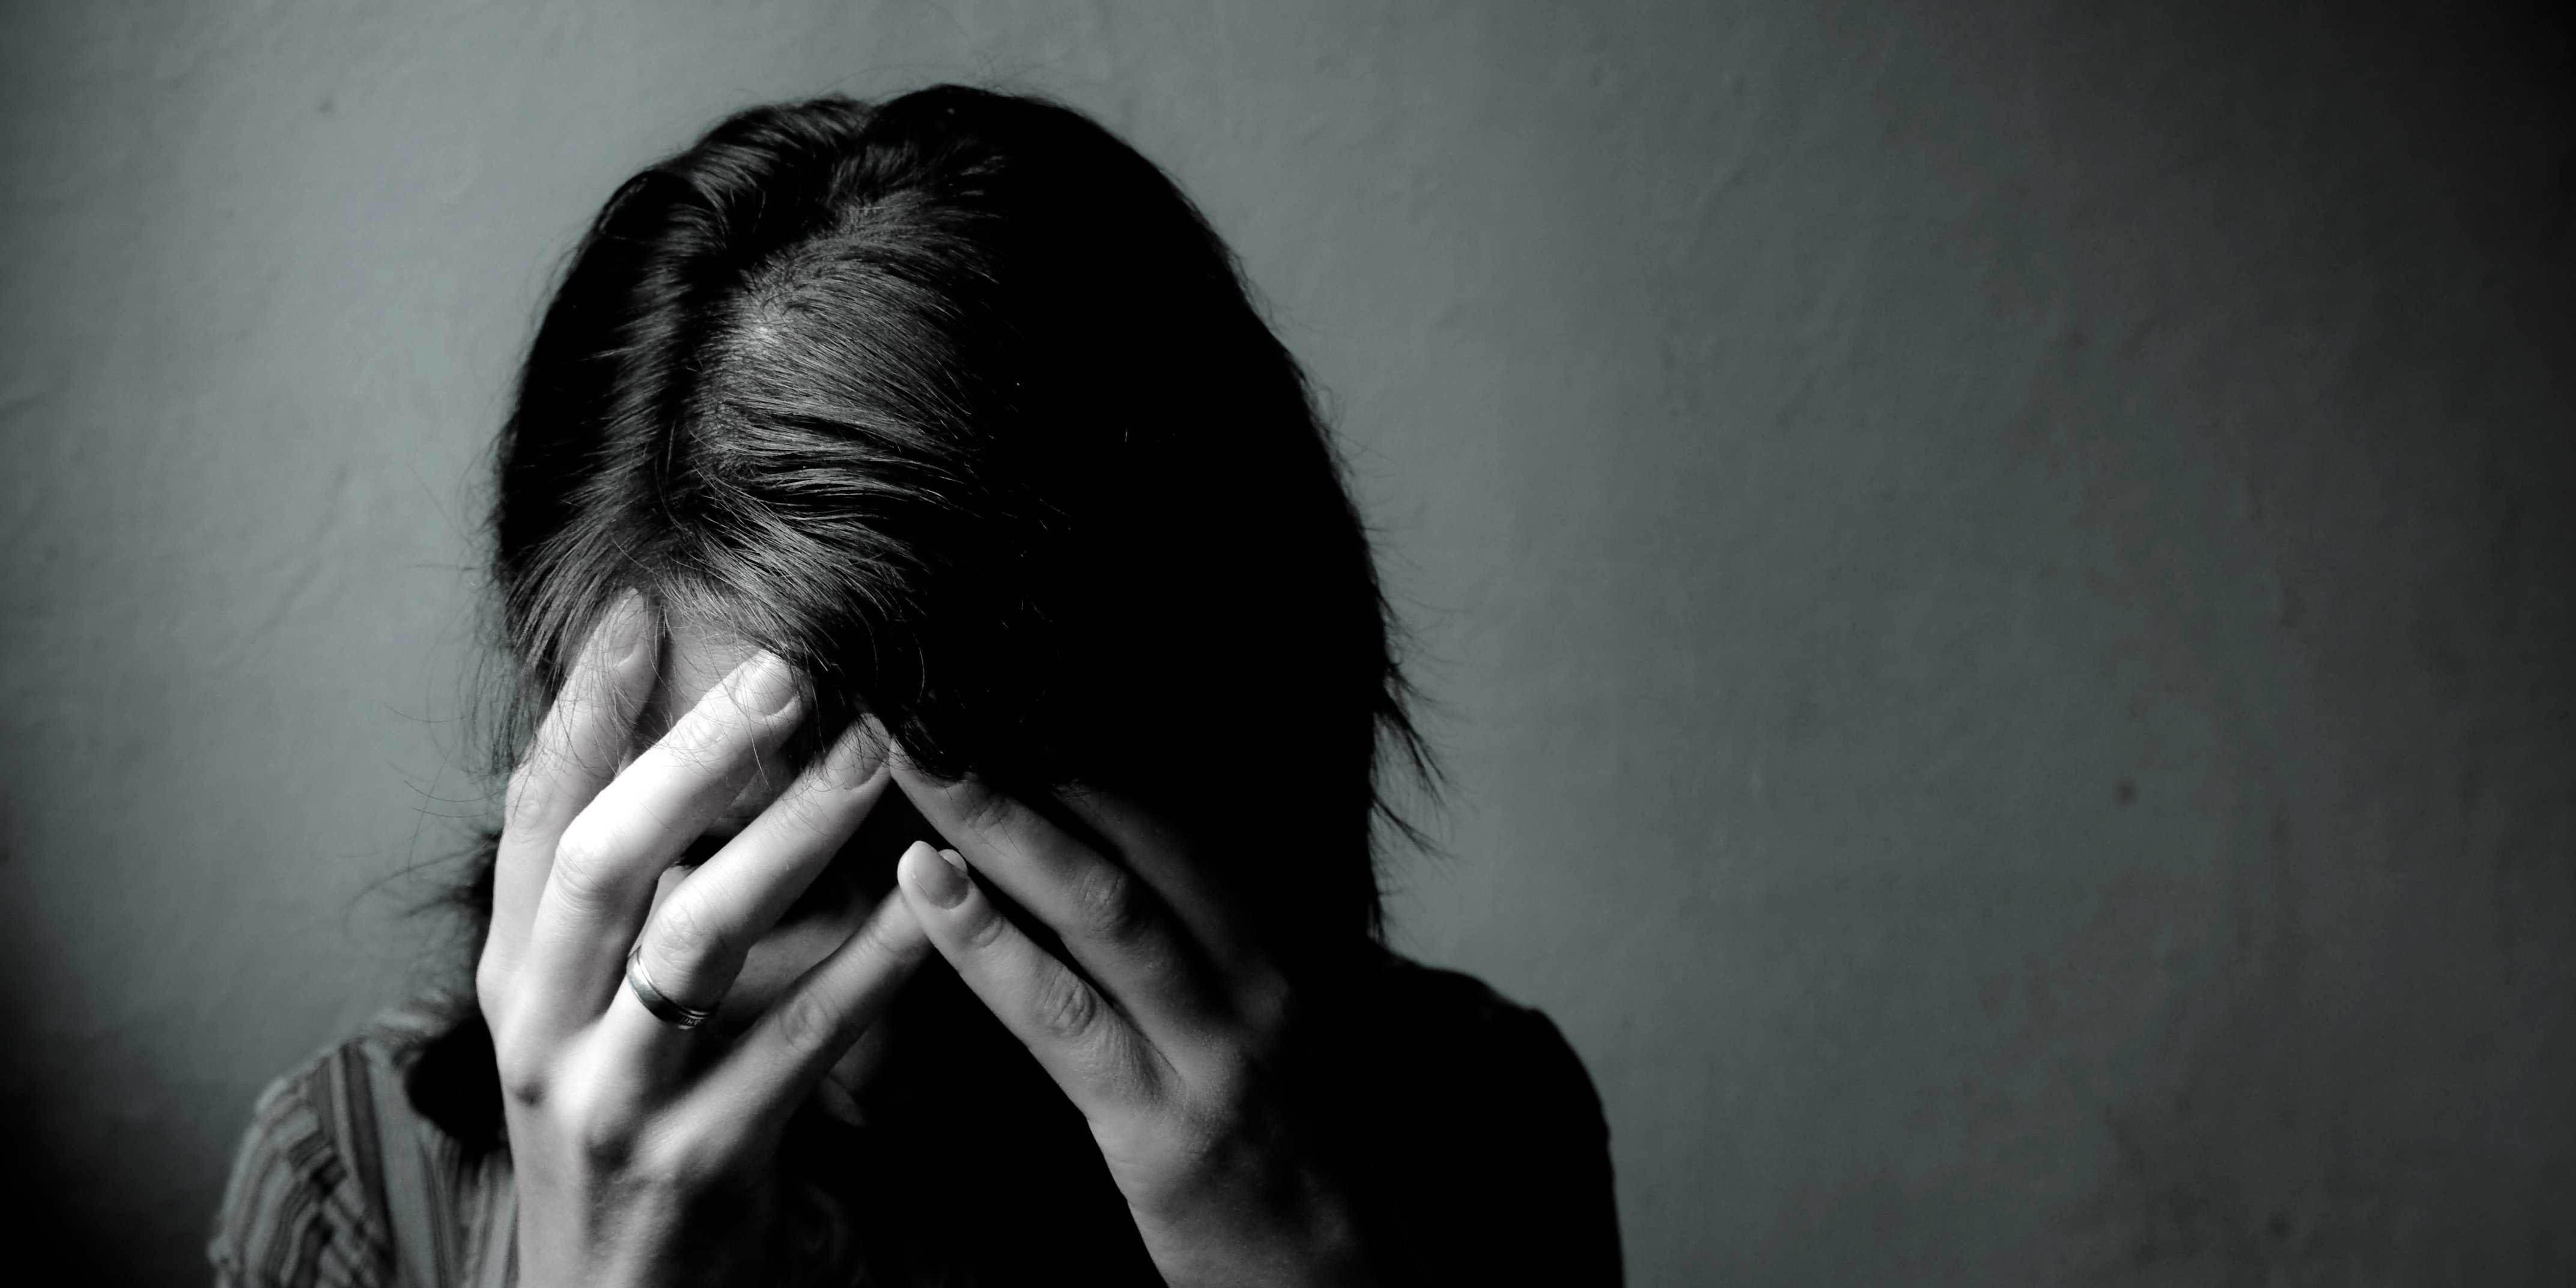 NOOTROPICS & DEPRESSION